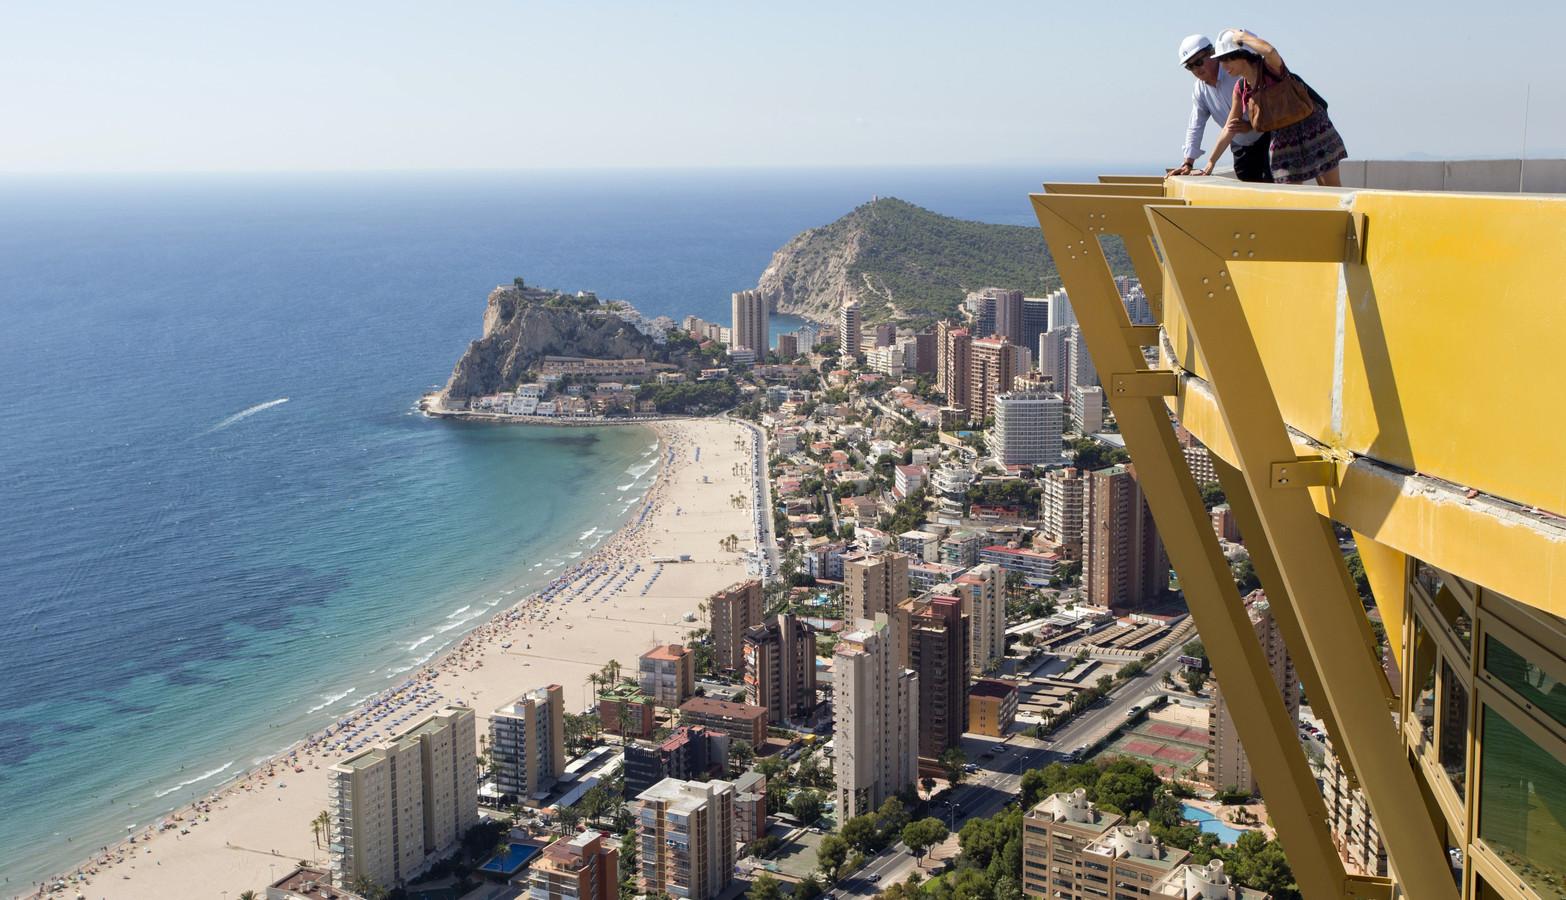 Le complexe culmine à 198 mètres de hauteur.